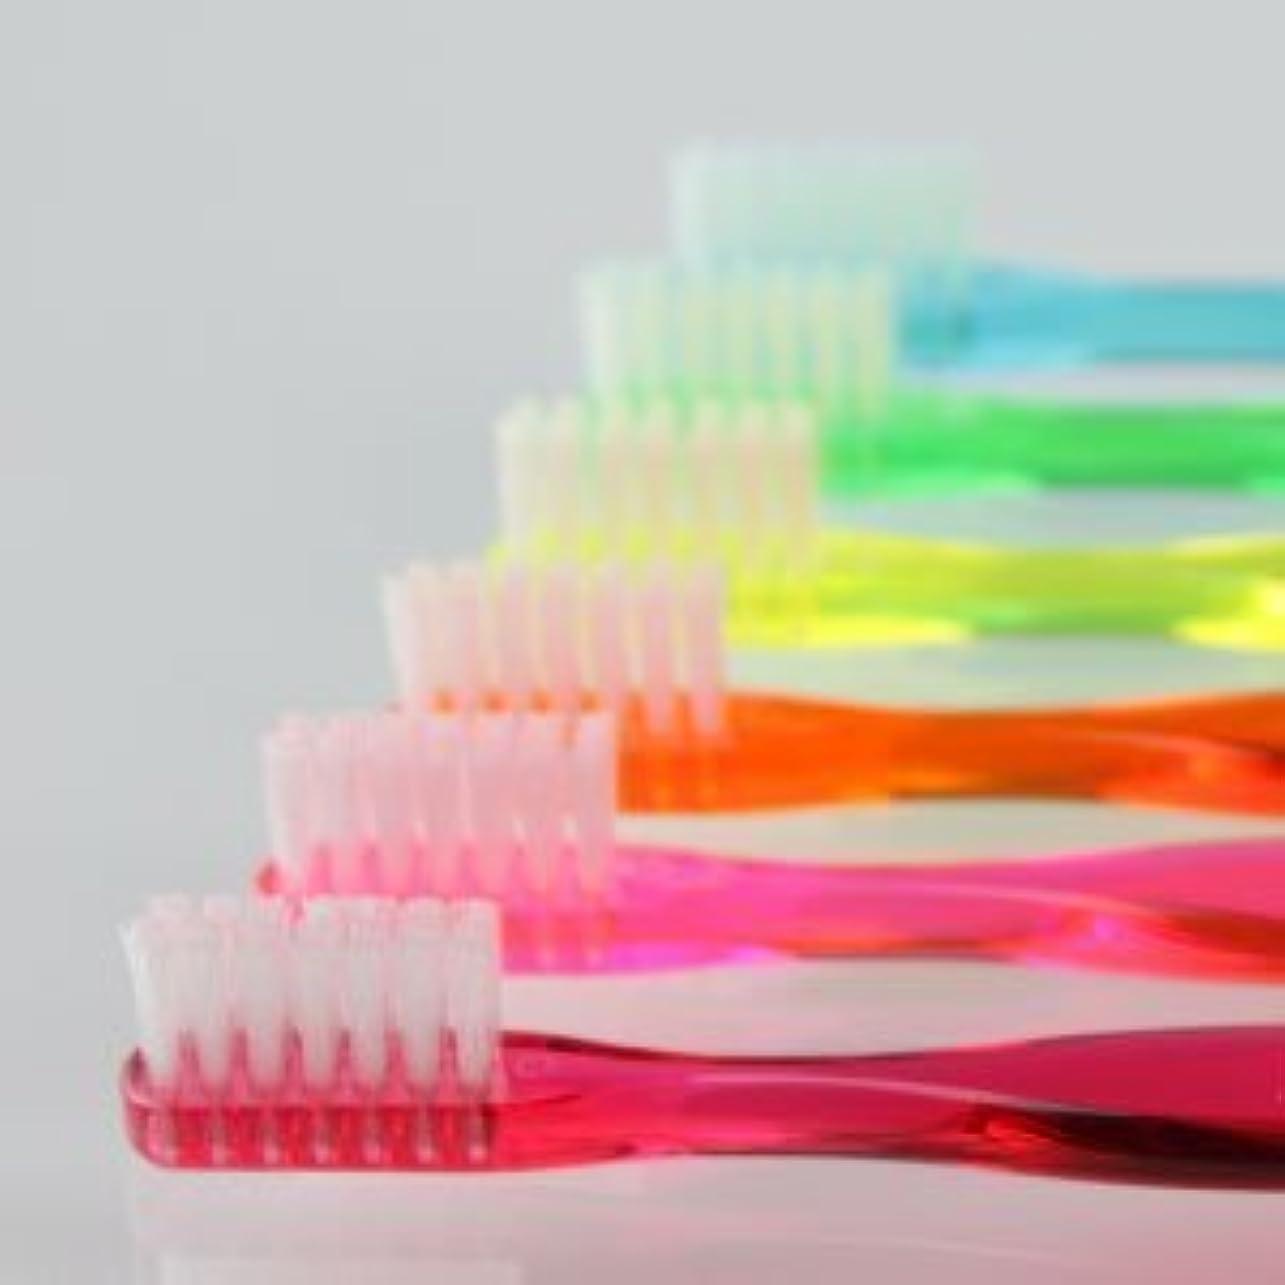 飲食店ガラガラファブリックサムフレンド 歯ブラシ #20(ミニ) 6本 ※お色は当店お任せです